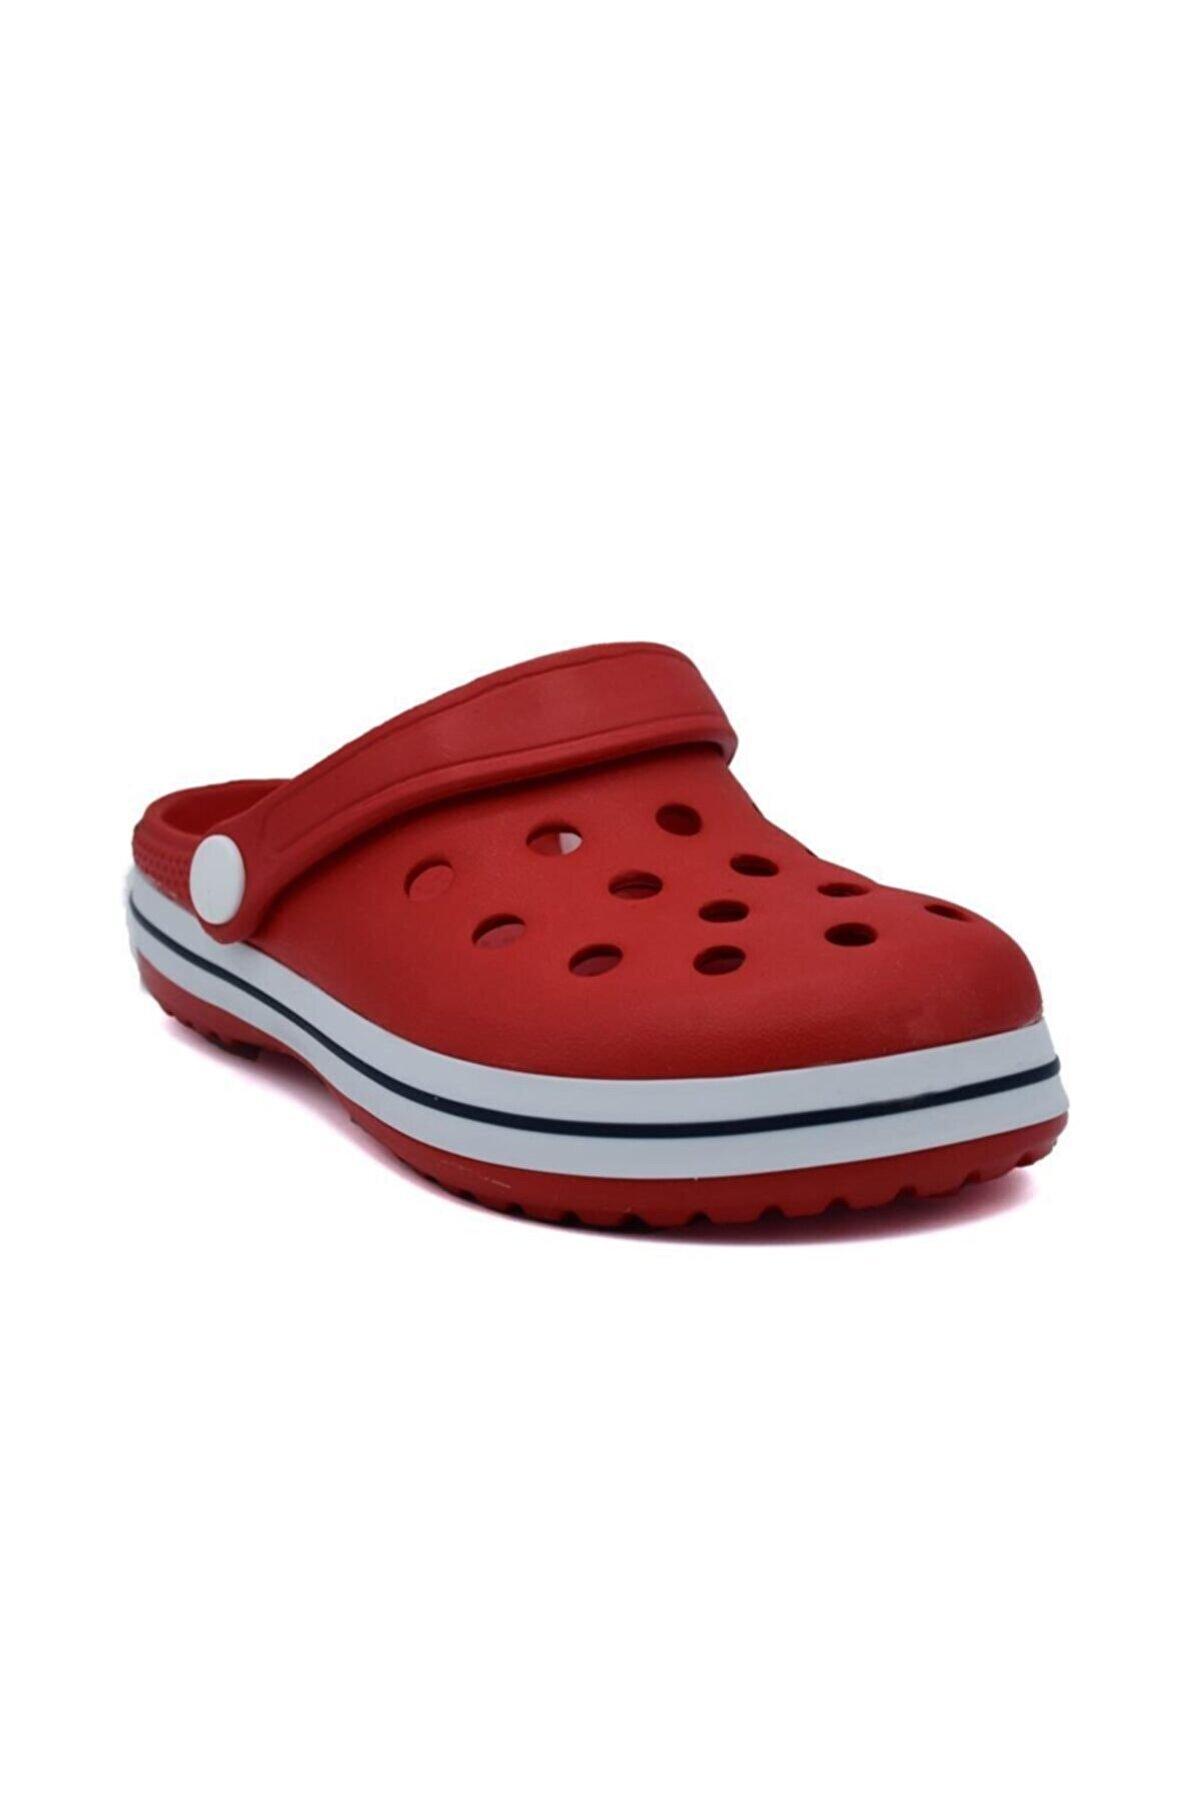 Akınalbella Erkek Çocuk Mavi&kırmızı Deniz Havuz Terliği Sandalet